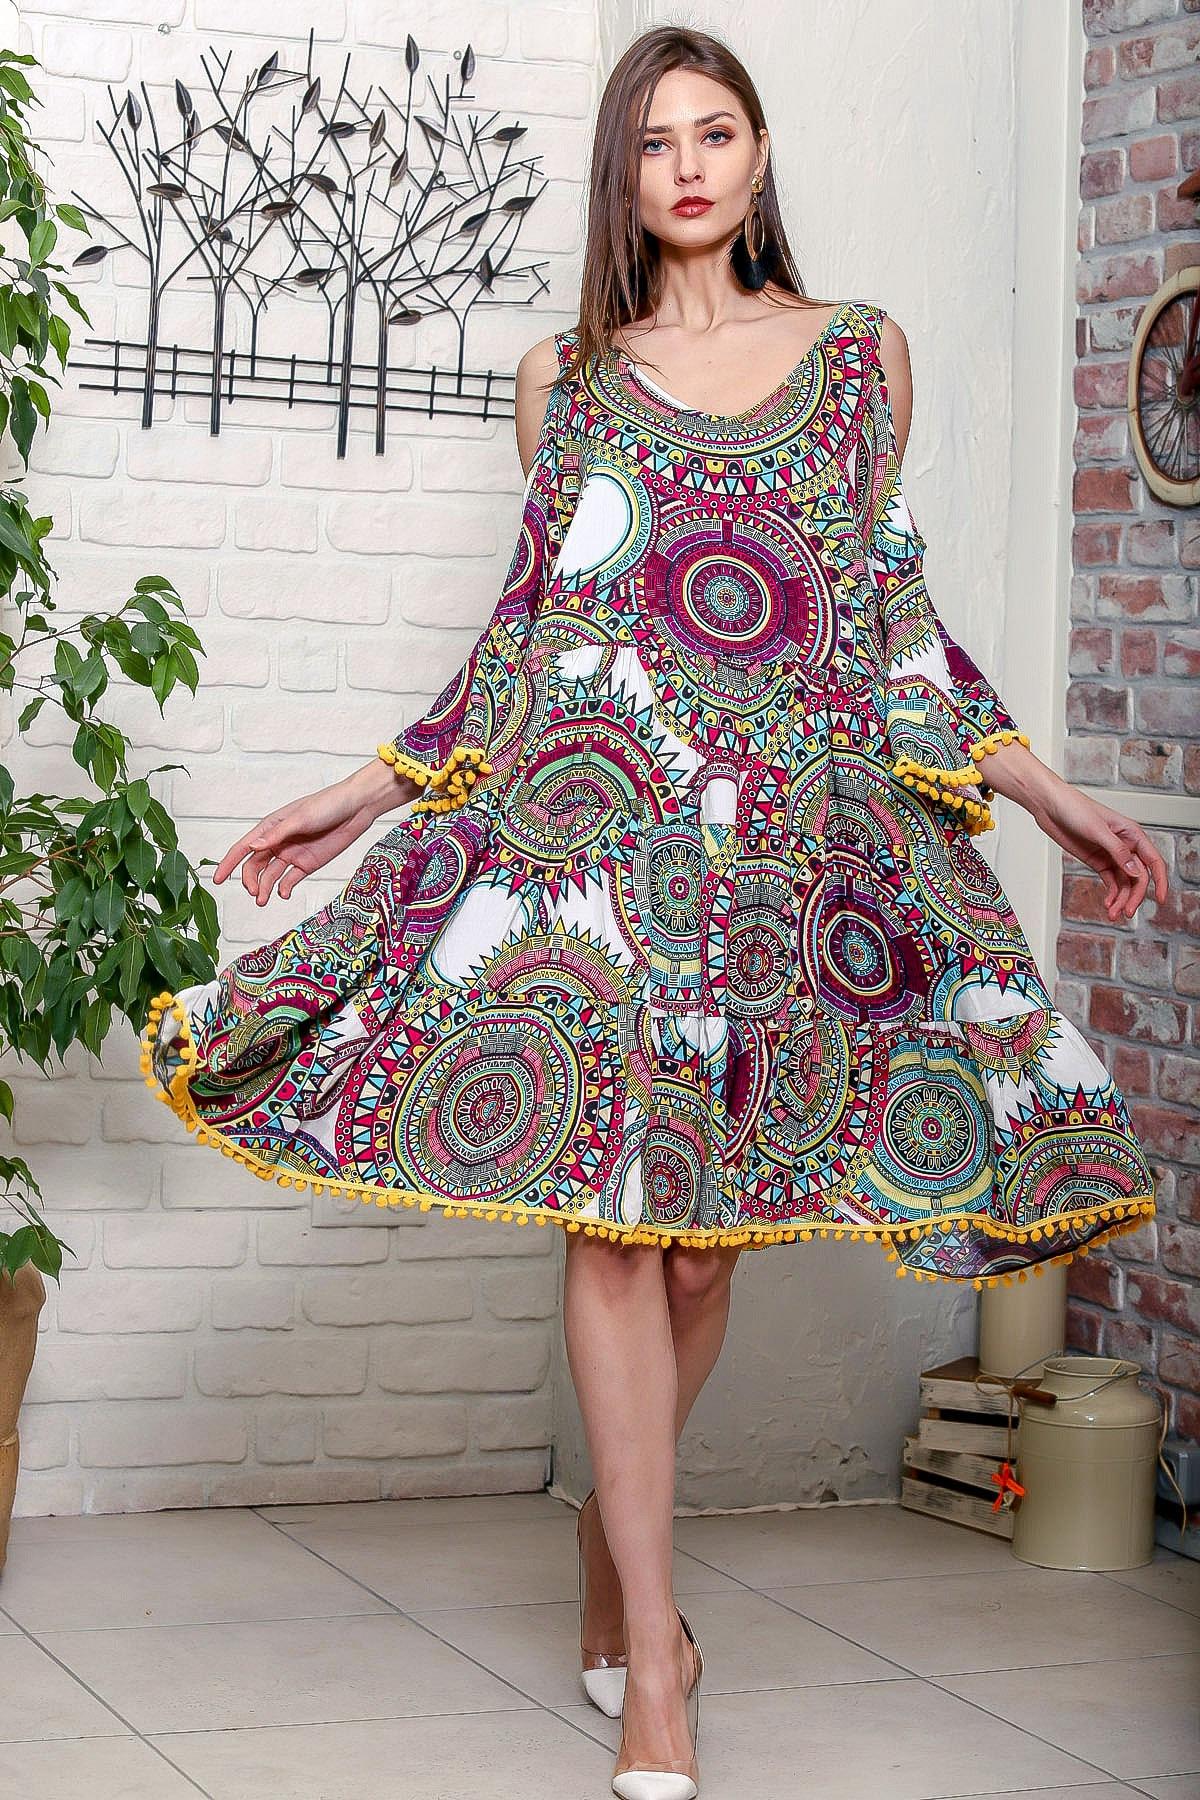 Chiccy Kadın Yeşil Omuzları Pencereli Geometrik Desen Kolları Volanlı Ponponlu Salaş Elbise 2